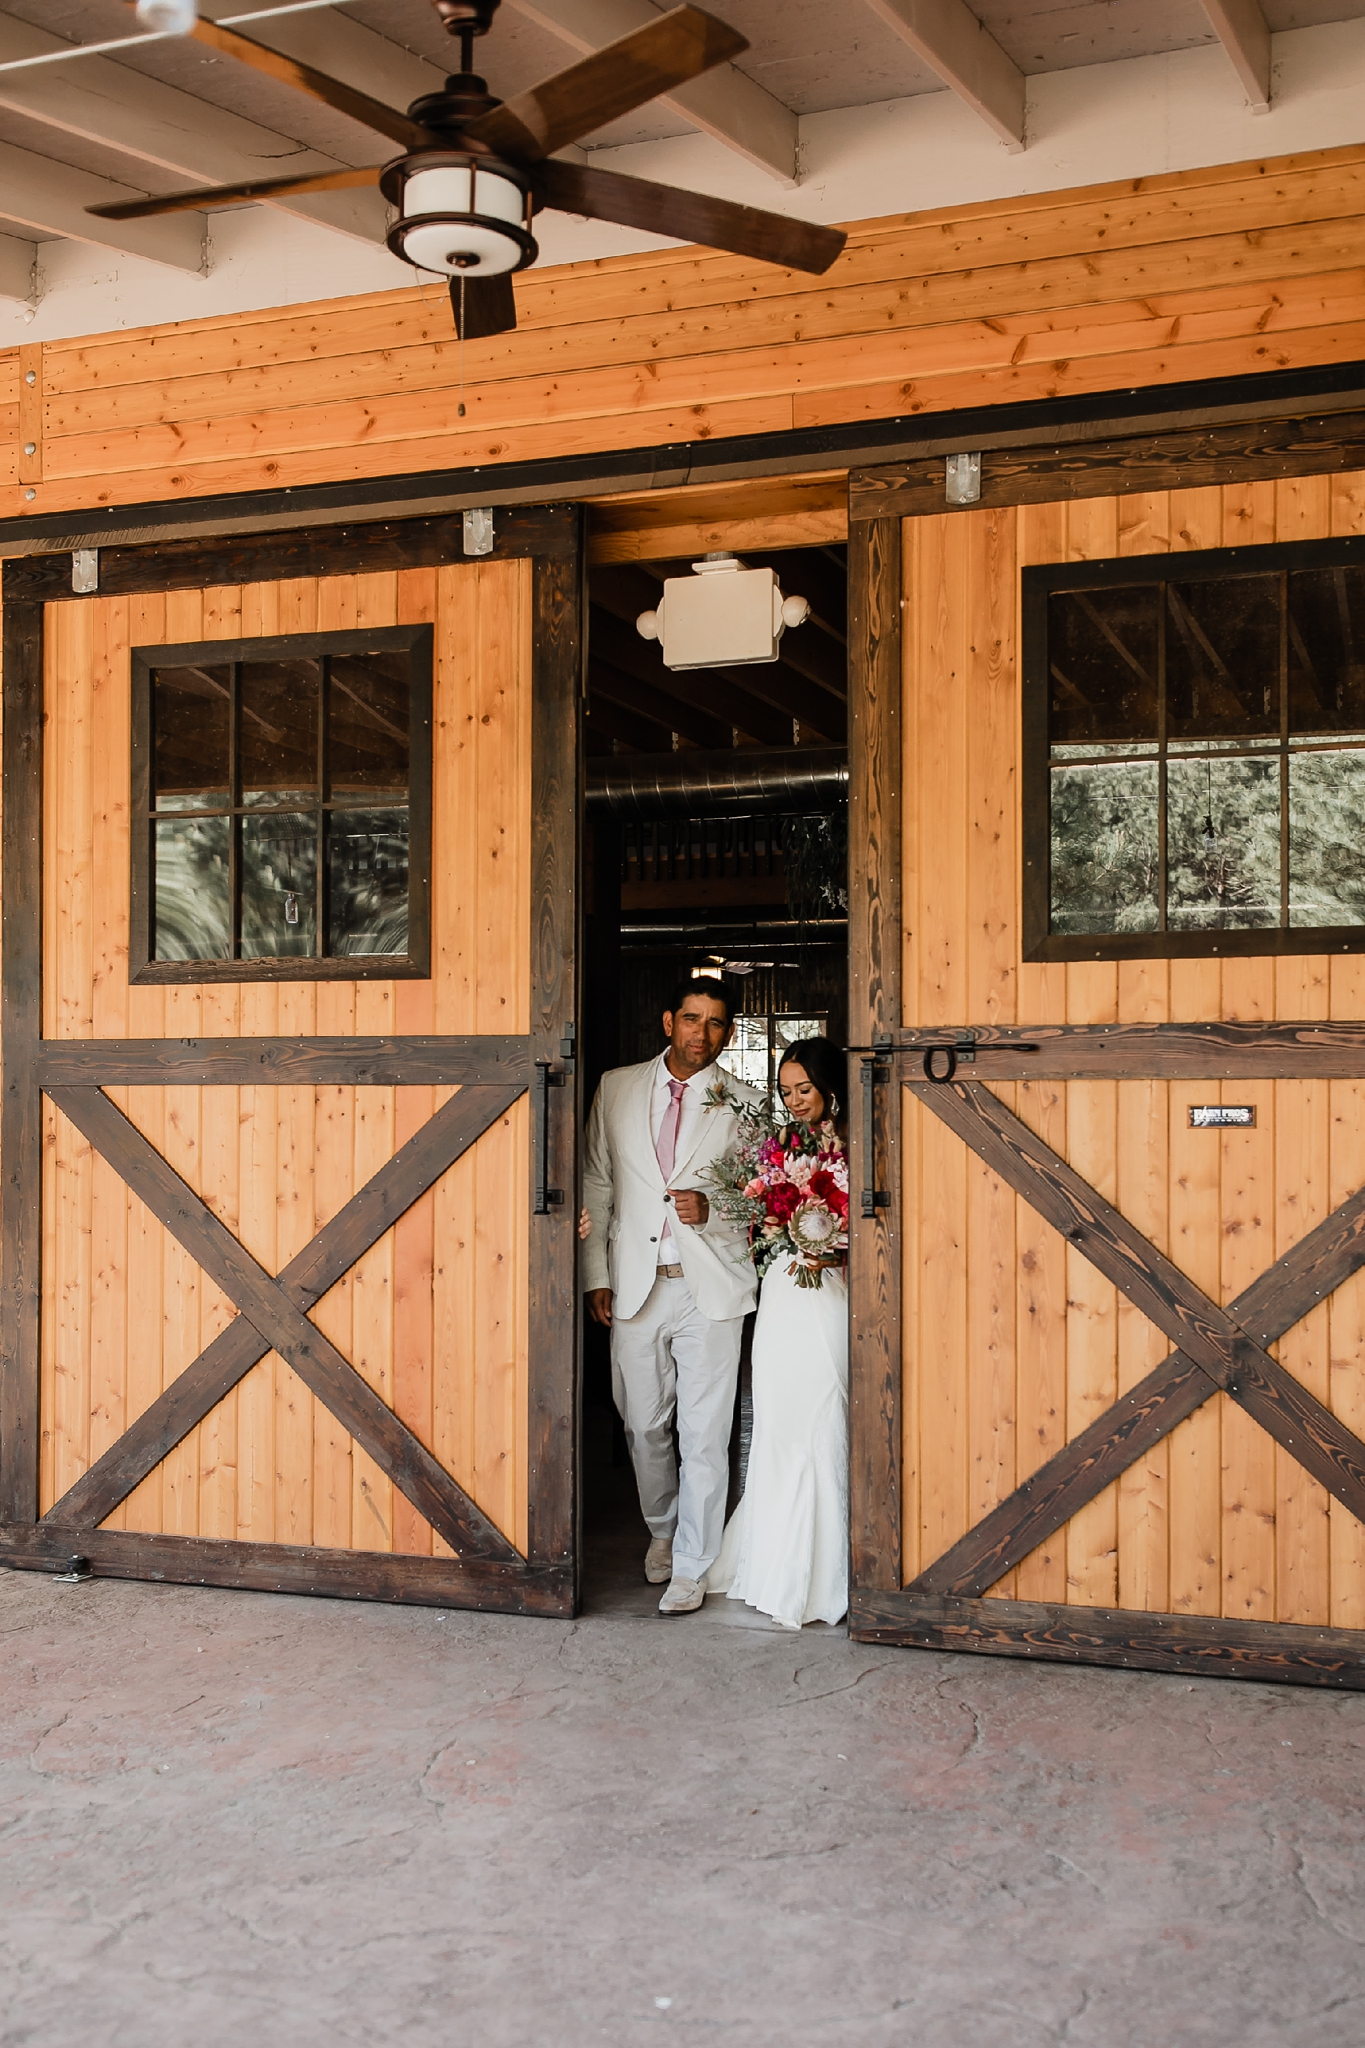 Alicia+lucia+photography+-+albuquerque+wedding+photographer+-+santa+fe+wedding+photography+-+new+mexico+wedding+photographer+-+new+mexico+wedding+-+new+mexico+wedding+-+barn+wedding+-+enchanted+vine+barn+wedding+-+ruidoso+wedding_0090.jpg